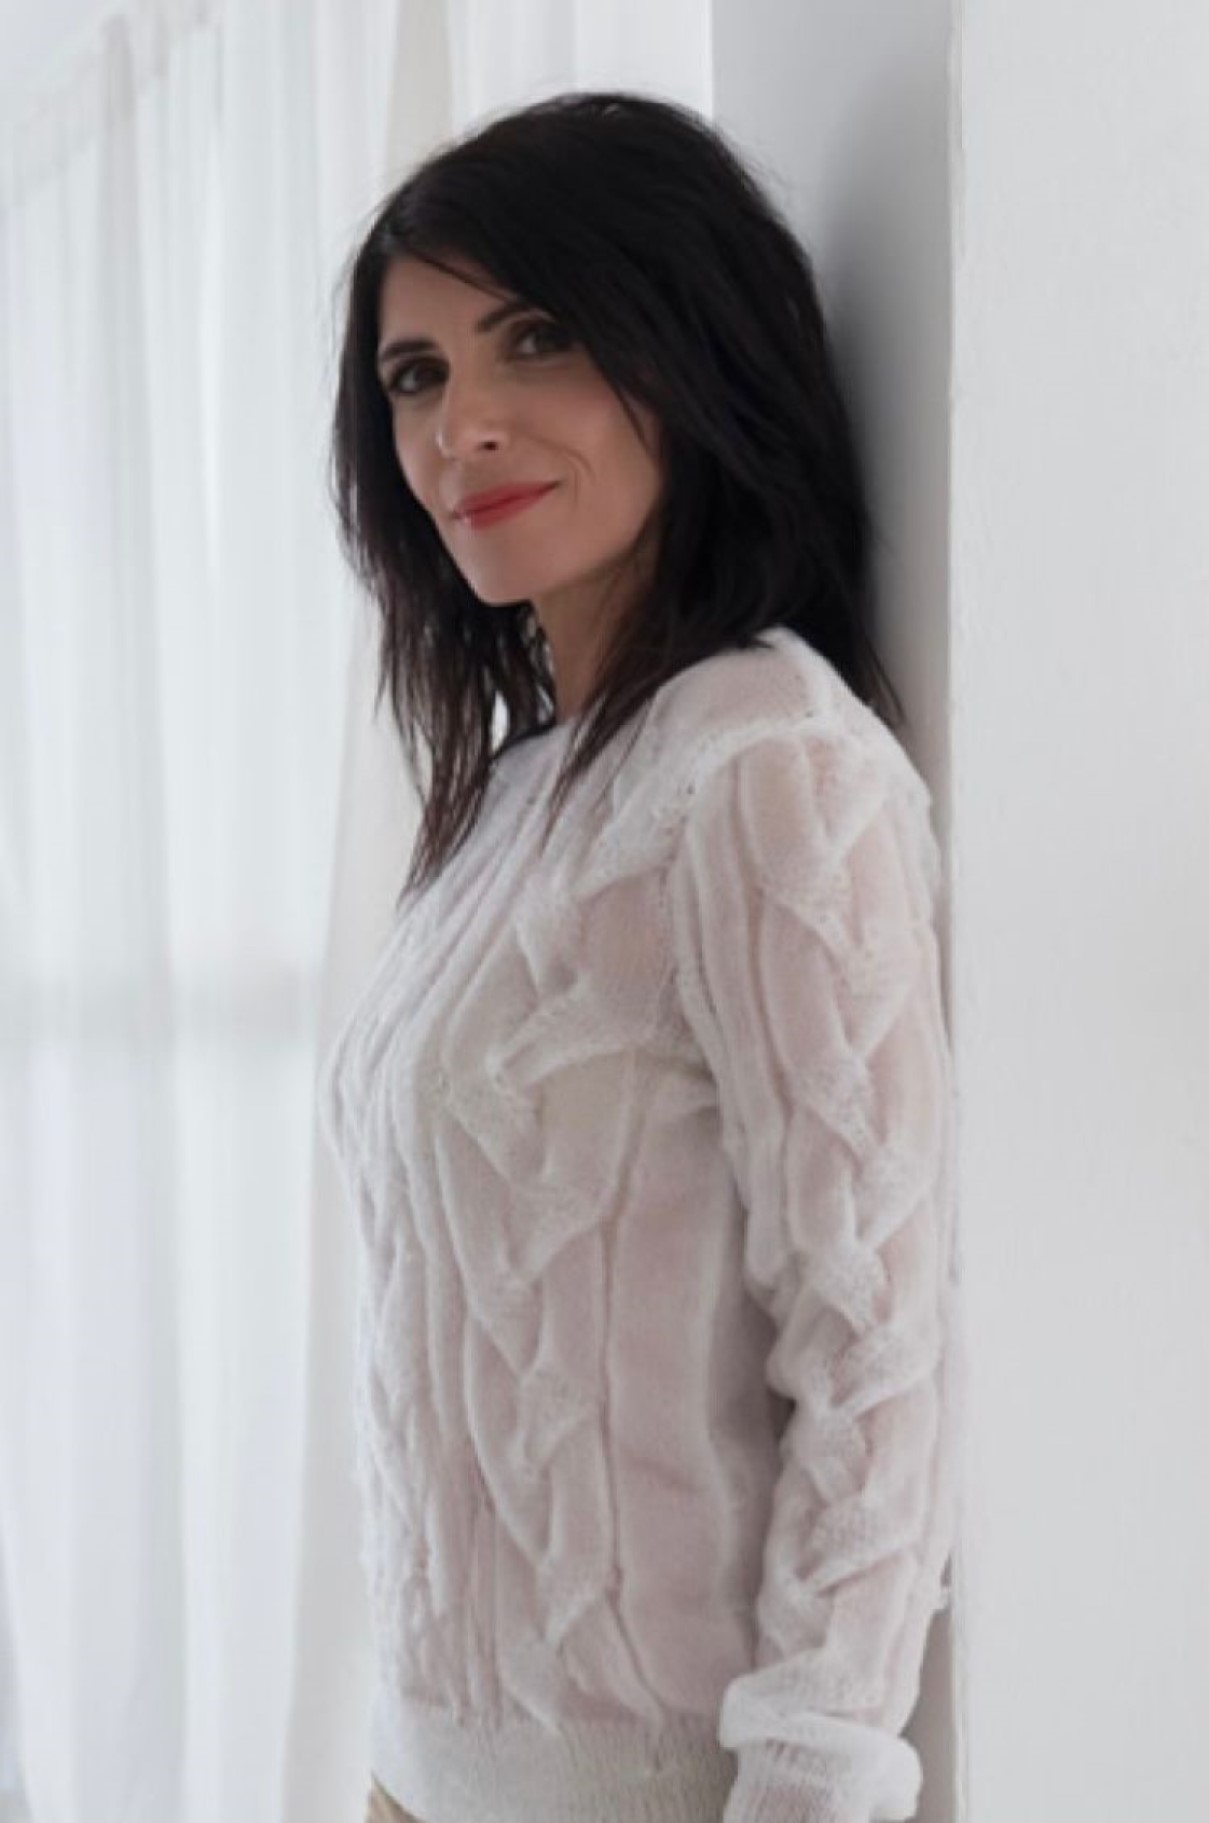 giorgia cantante età altezza peso nome compagno figli vita privata